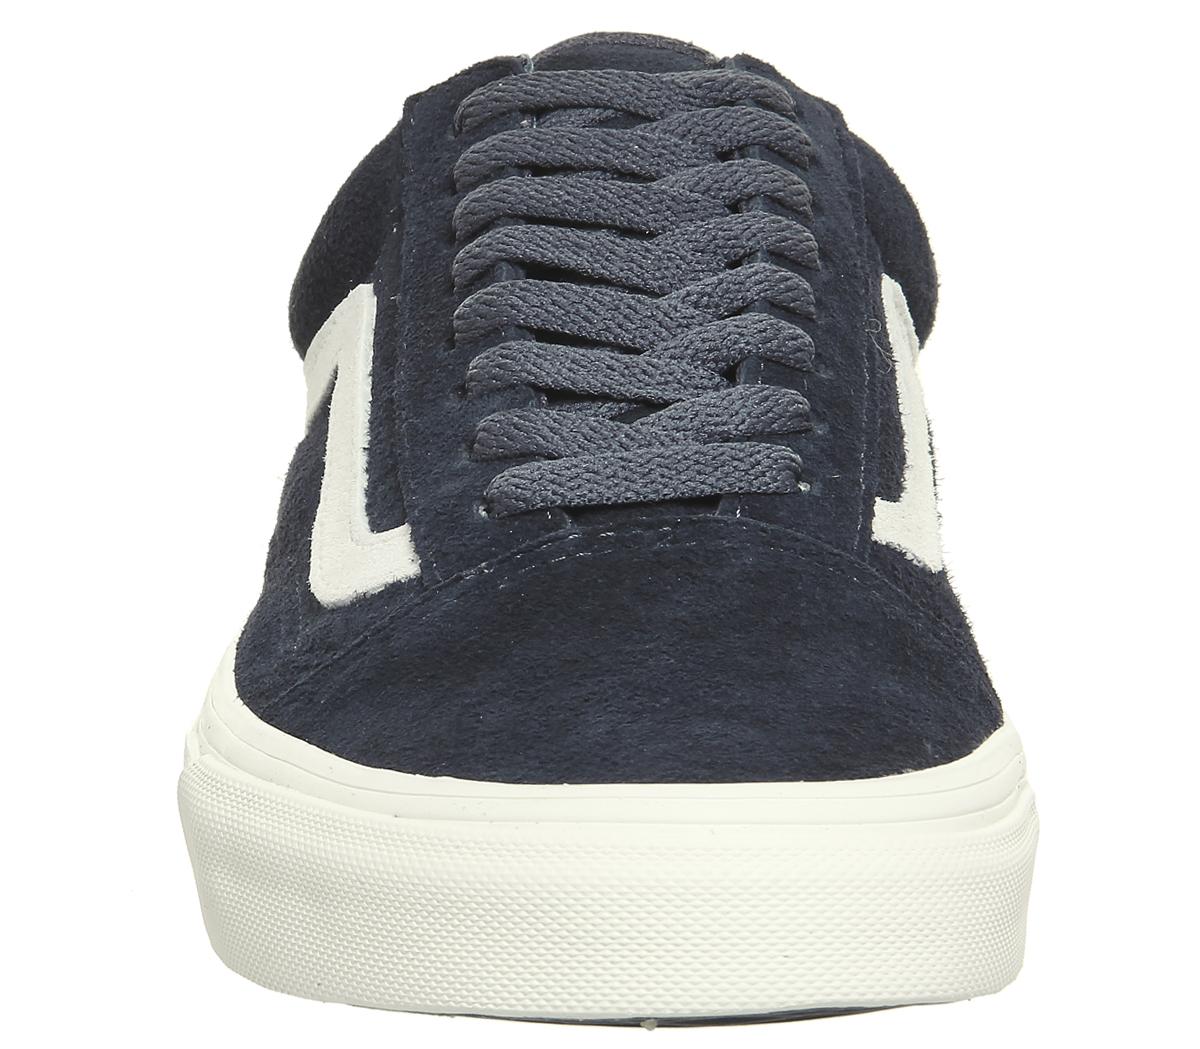 bc20abfadbd CENTINELA Hombres Vans Old Skool entrenadores noche parisina BLANC  zapatillas zapatos